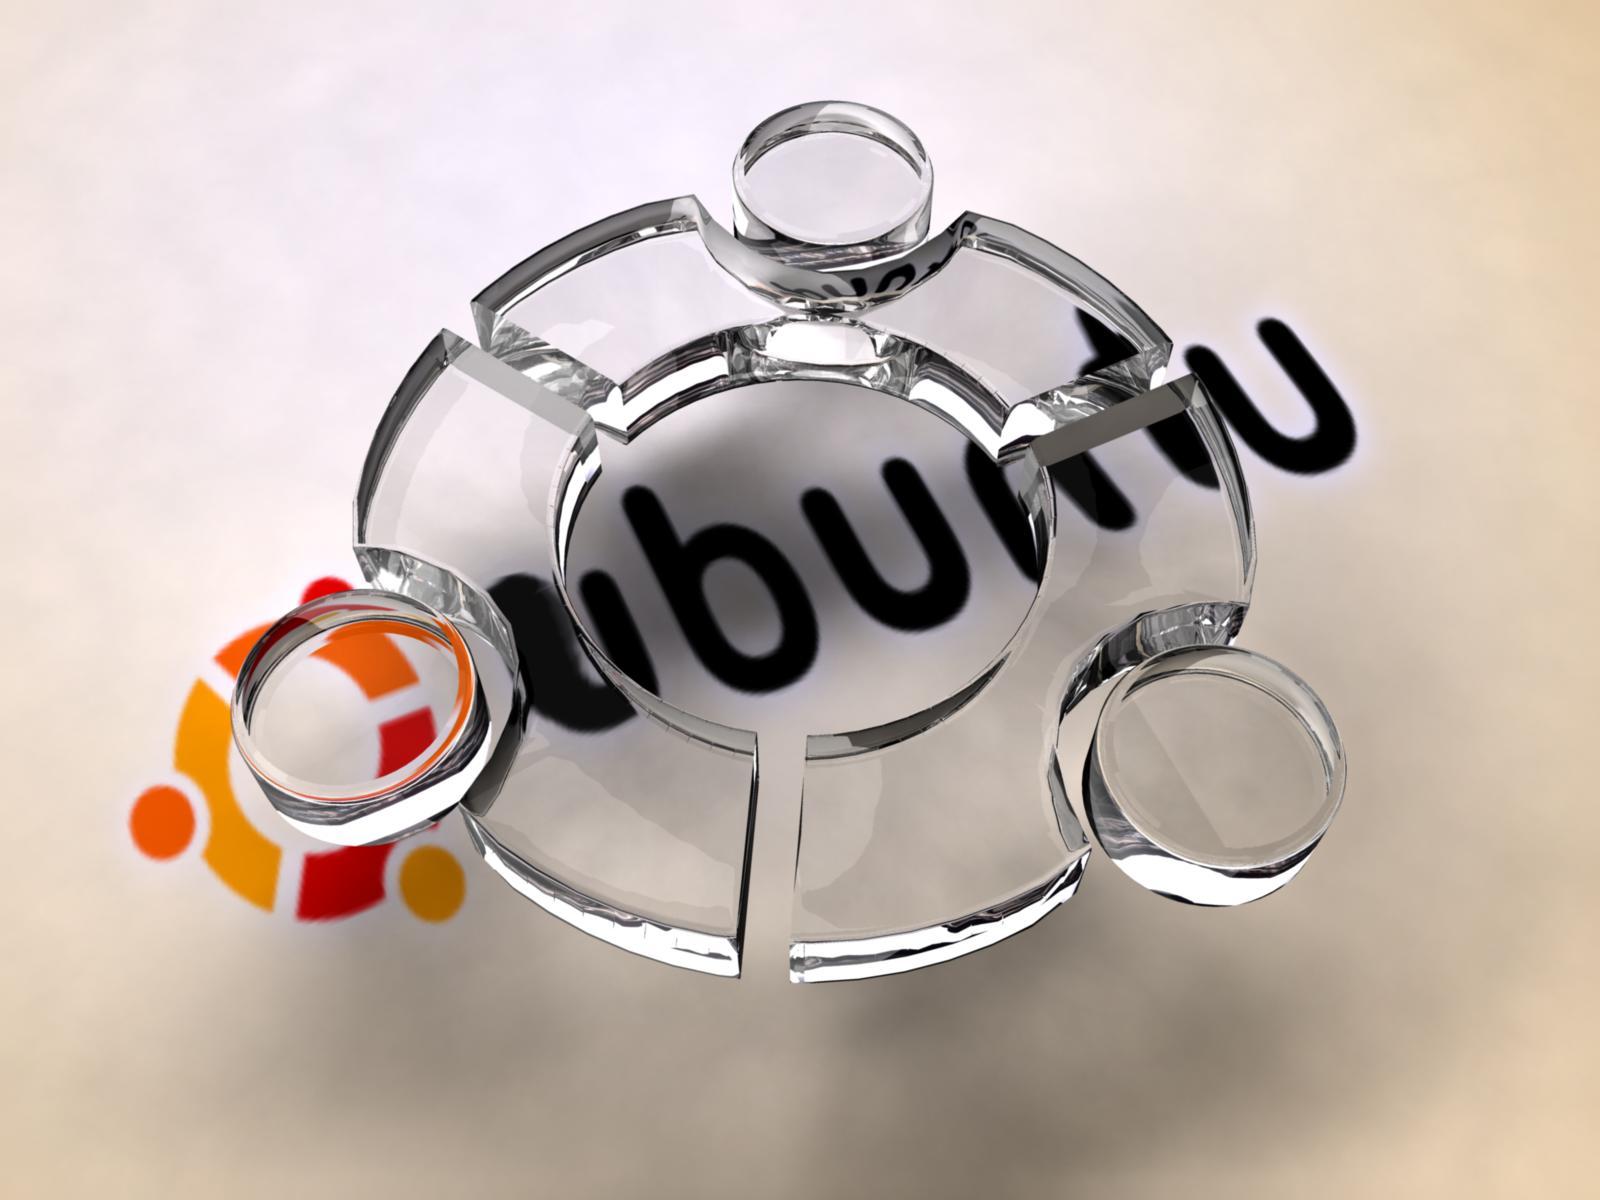 http://2.bp.blogspot.com/_W1ueYt1O3xs/RuKCSqfbjDI/AAAAAAAAA6k/UoO1Fs-xmX0/s1600/UbuntuLogo1.jpg